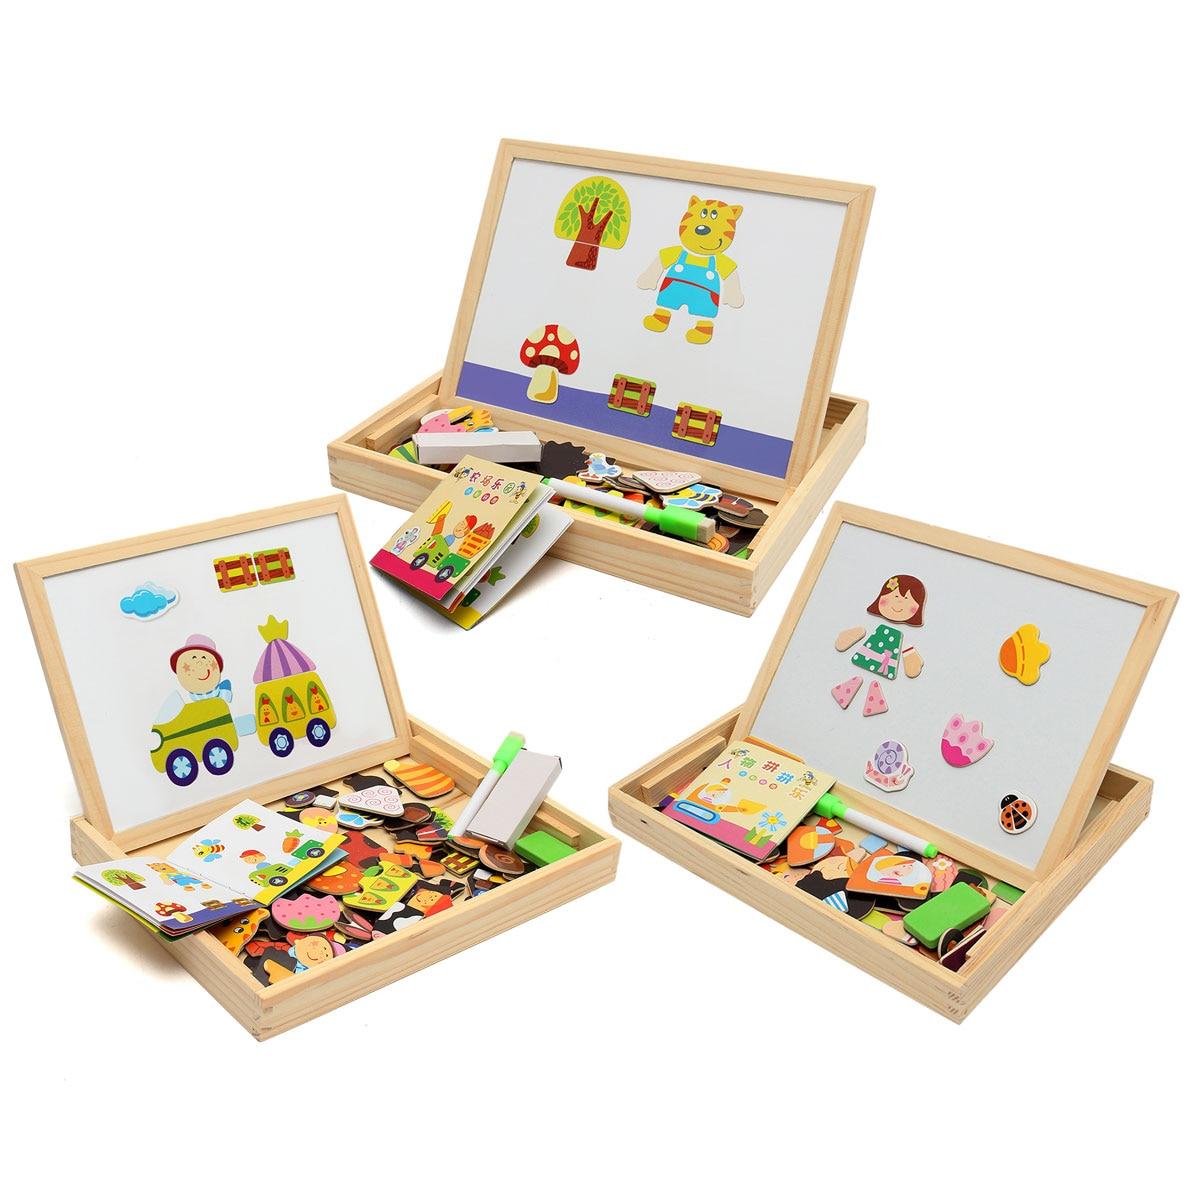 Nueva llegada dibujo tablero de escritura magnético de rompecabezas doble caballete Niño de juguete de madera, regalo de los niños desarrollo de la inteligencia de juguete